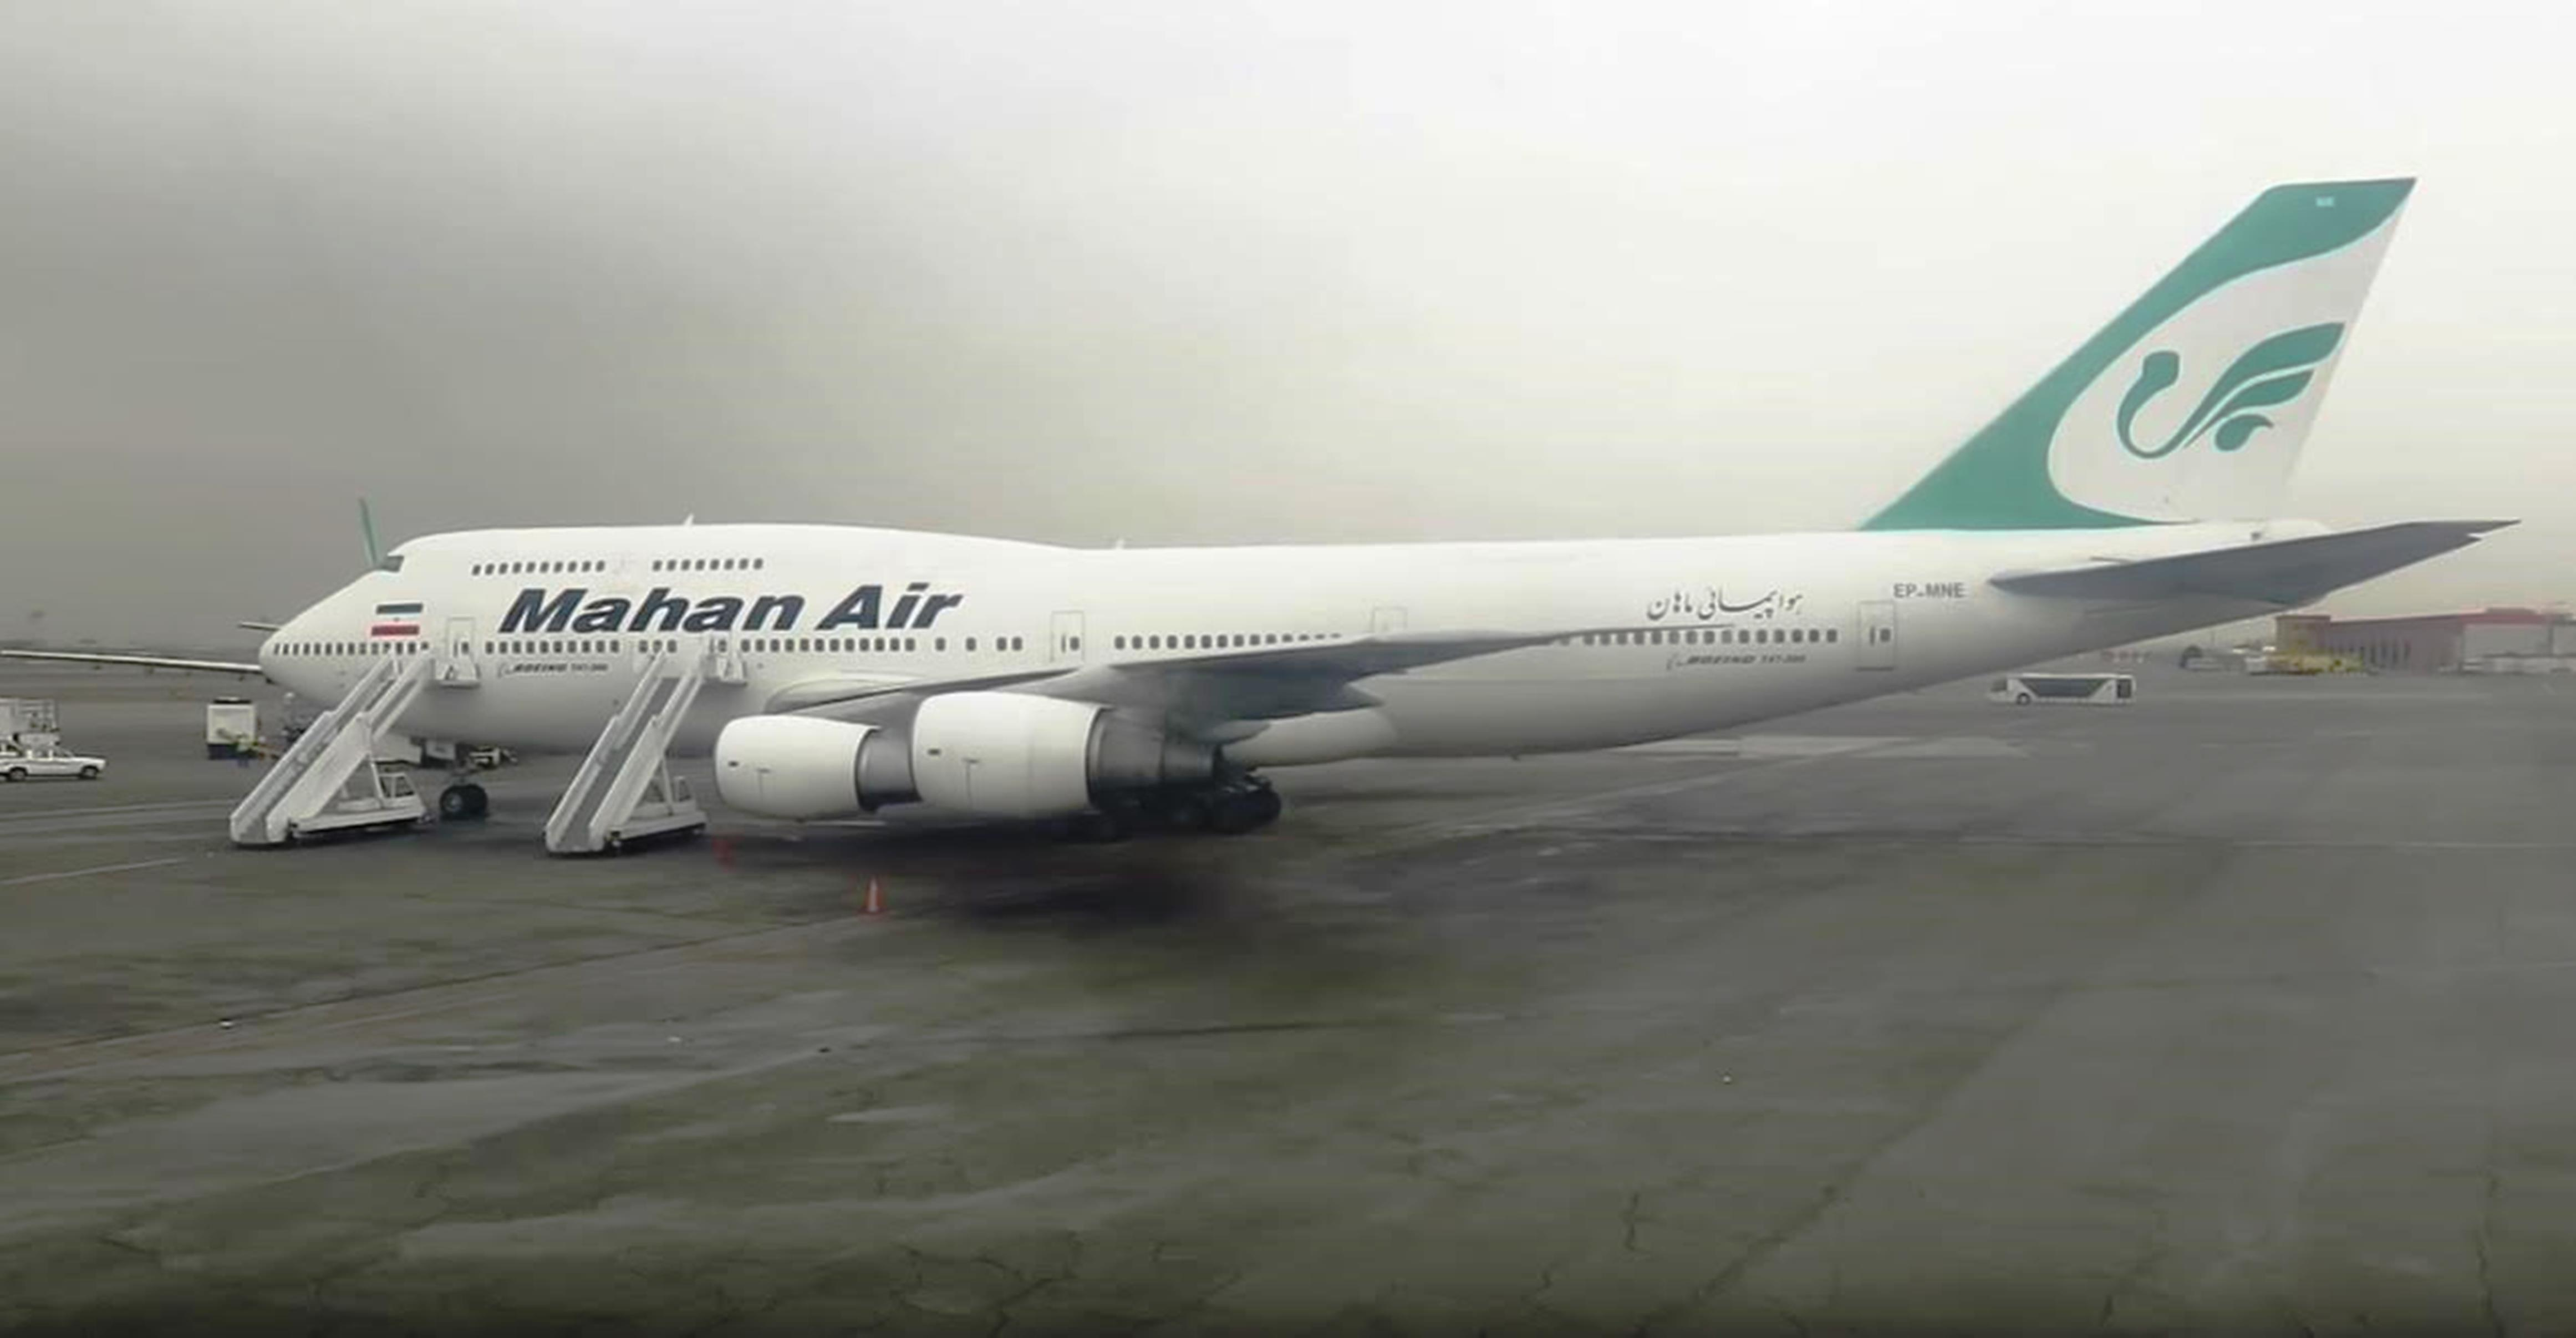 ماهان ایر: یک ایرلاین که درگیری های مورد حمایه ایران در خاورمیانه را پشتیبانی می کند